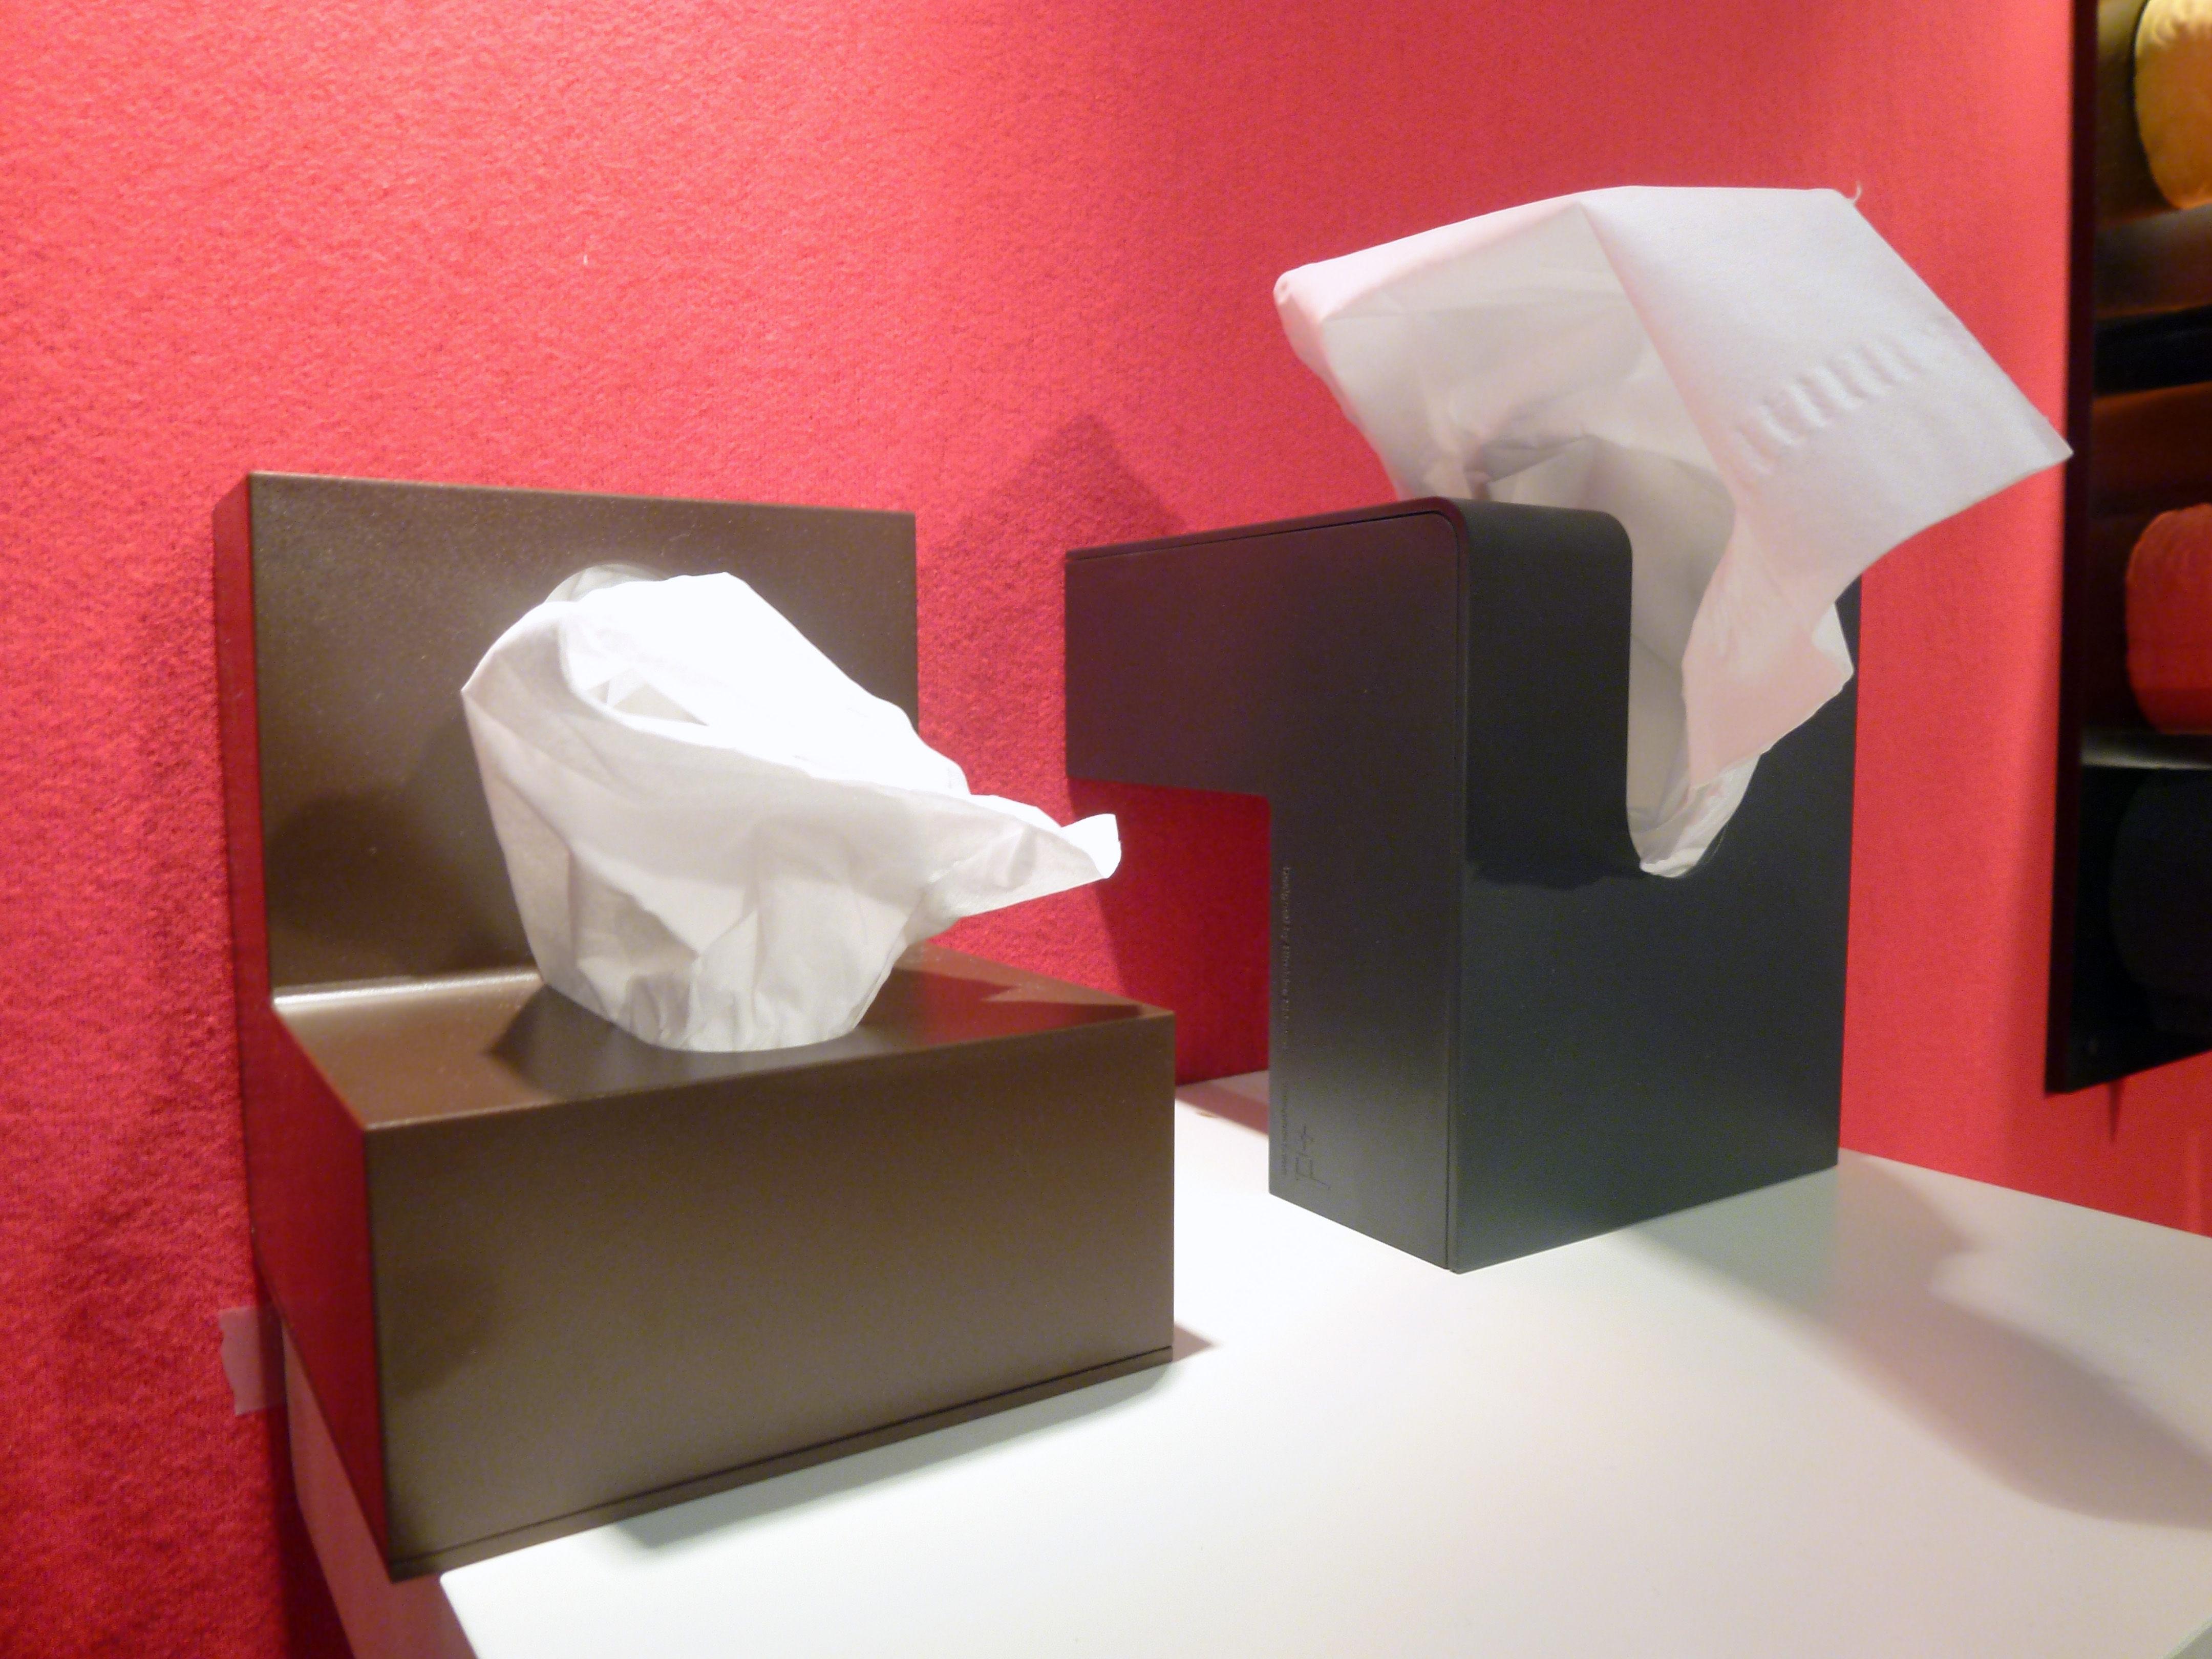 Bo te mouchoirs folio blanc pa design for Deco boite a mouchoir